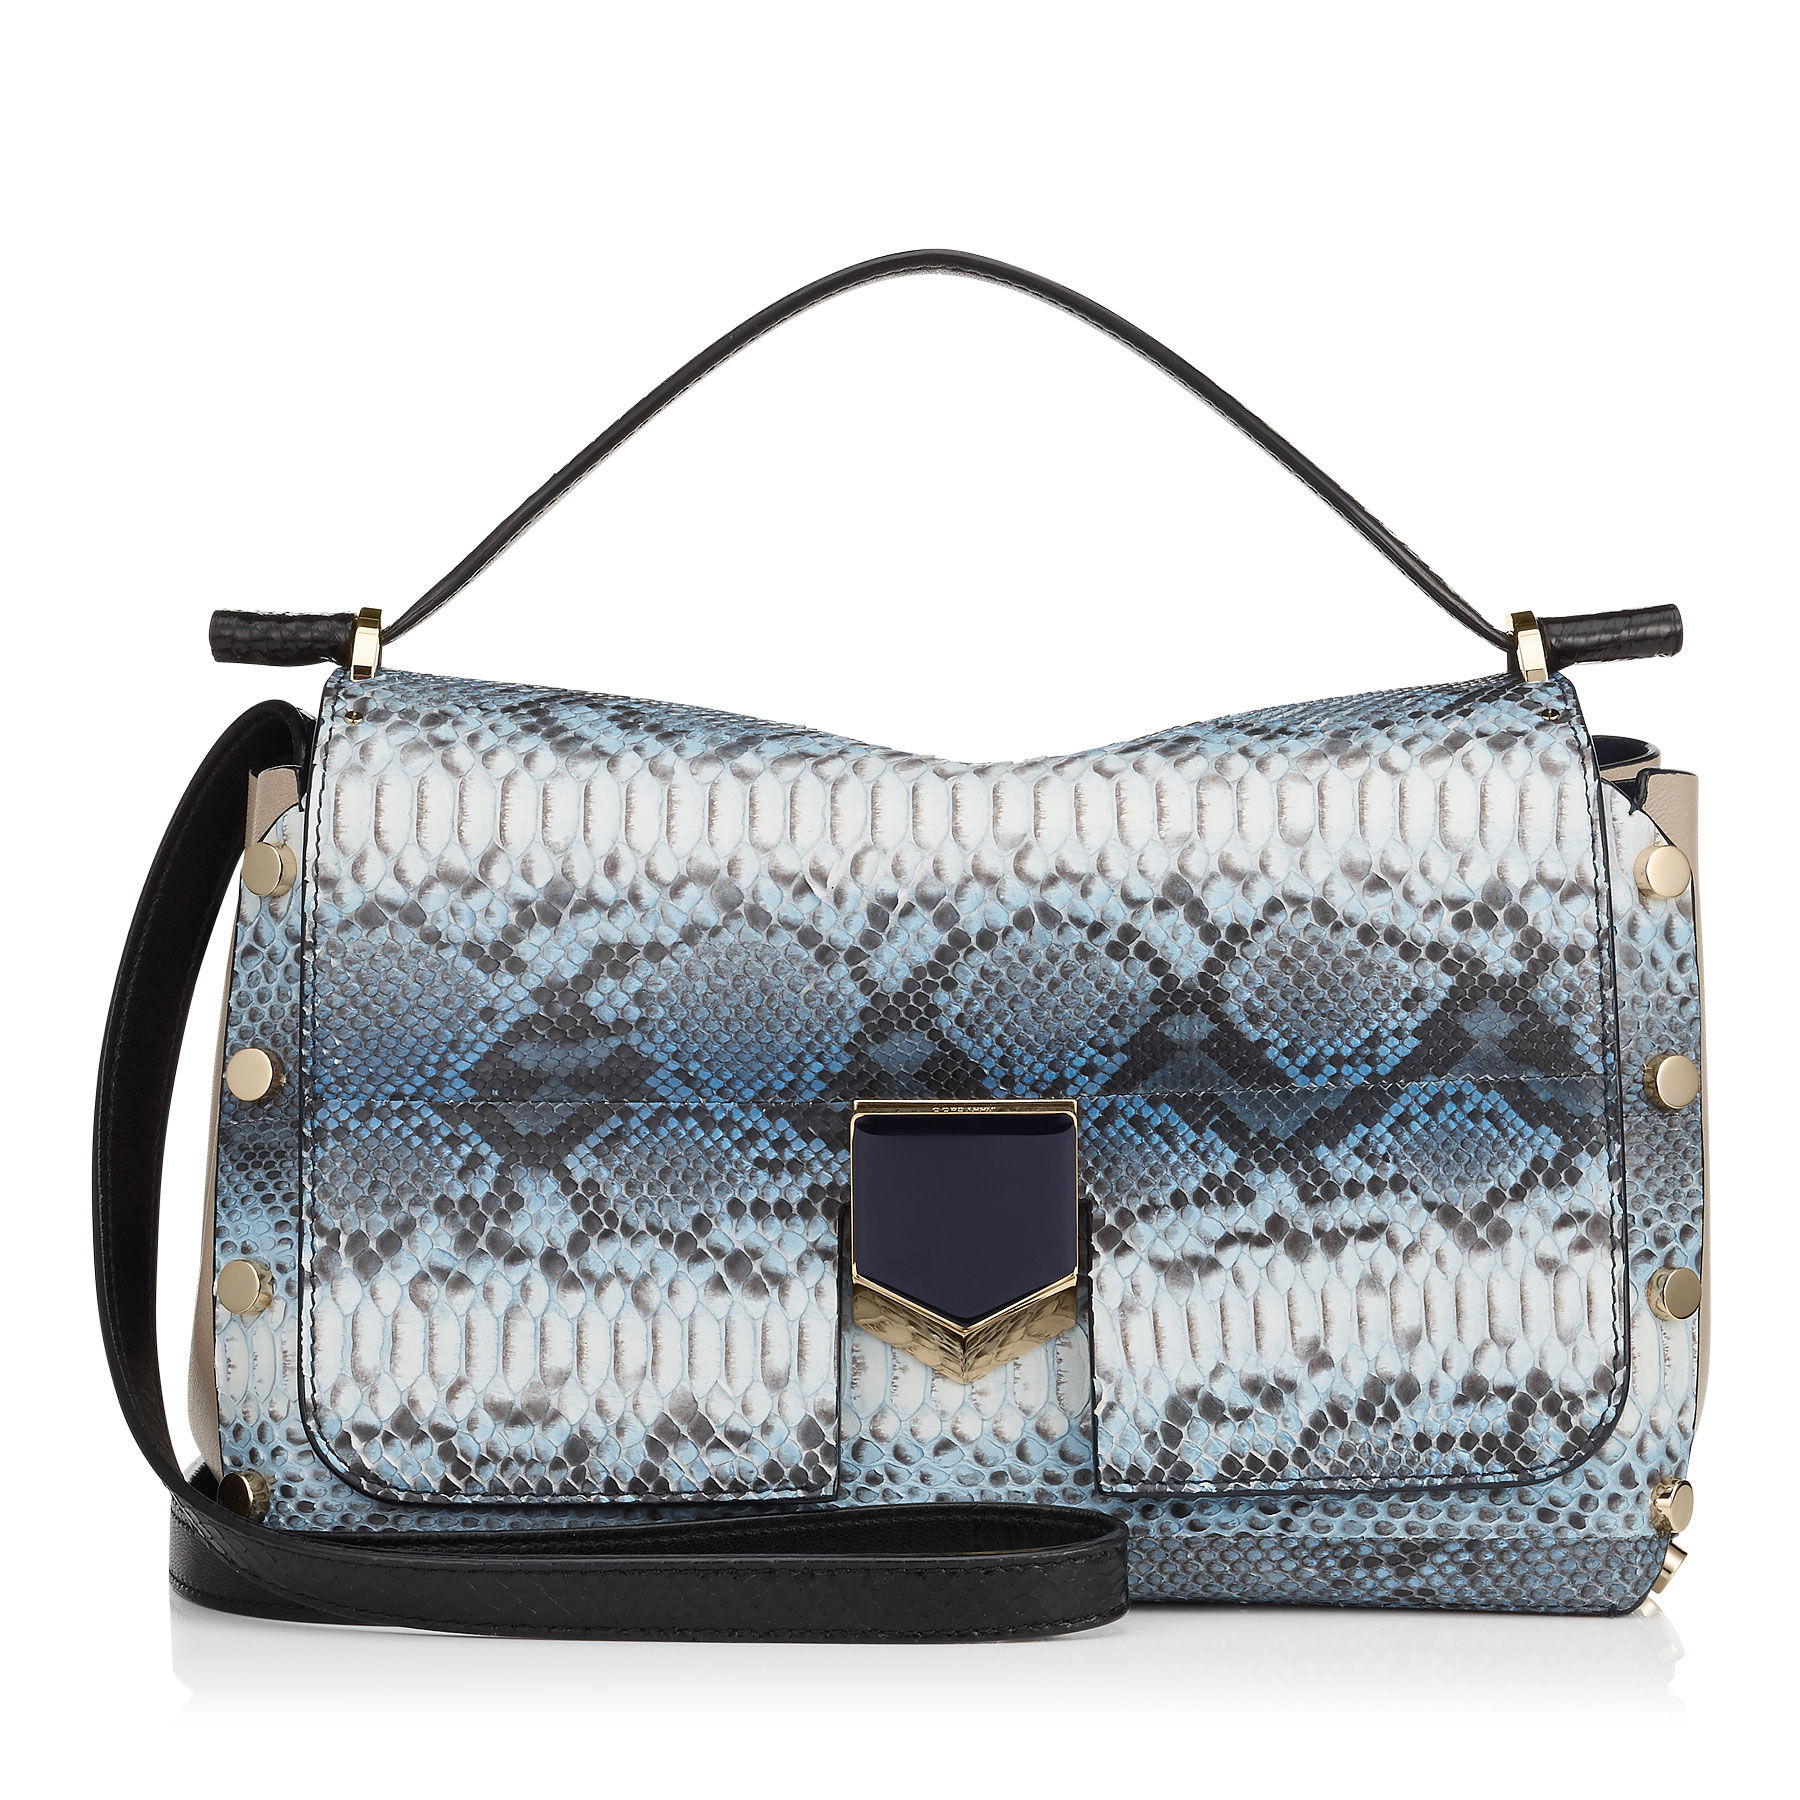 81a103513581 Lyst - Jimmy Choo Lockett s Denim Striped Degrade Python Handbag in Blue